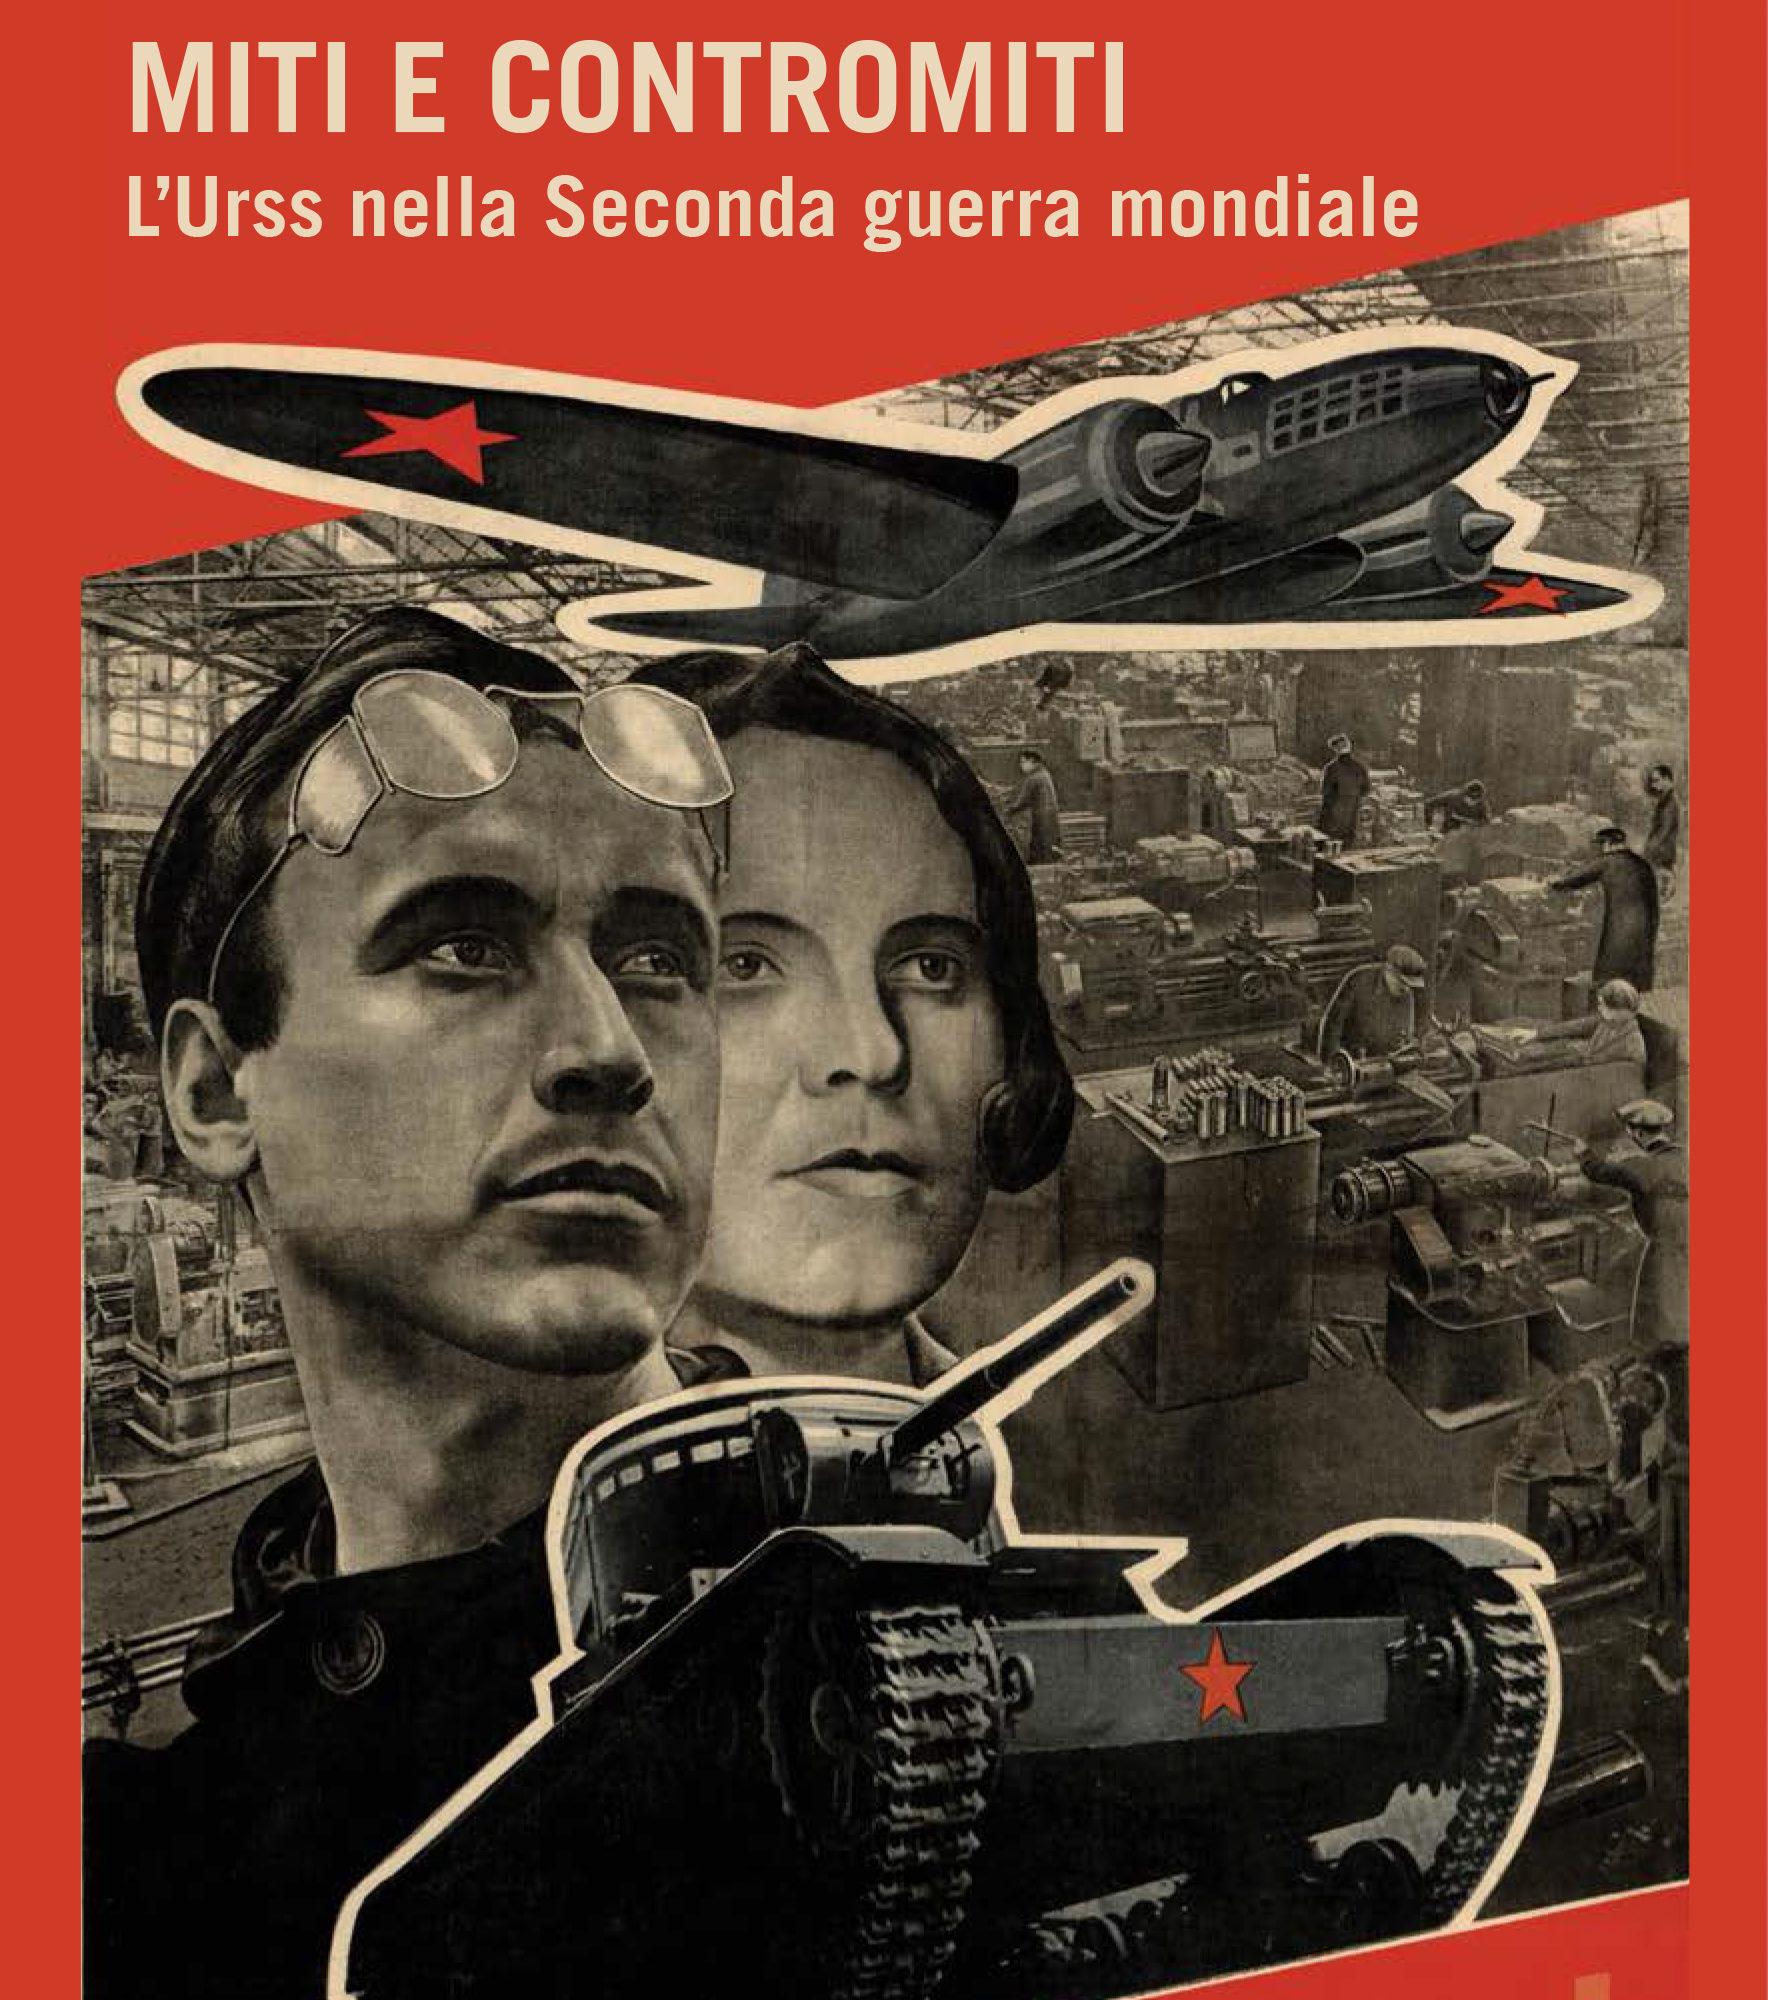 Vladimir Medinsky – Miti e contromiti. L'Urss nella Seconda guerra mondiale // Coming soon